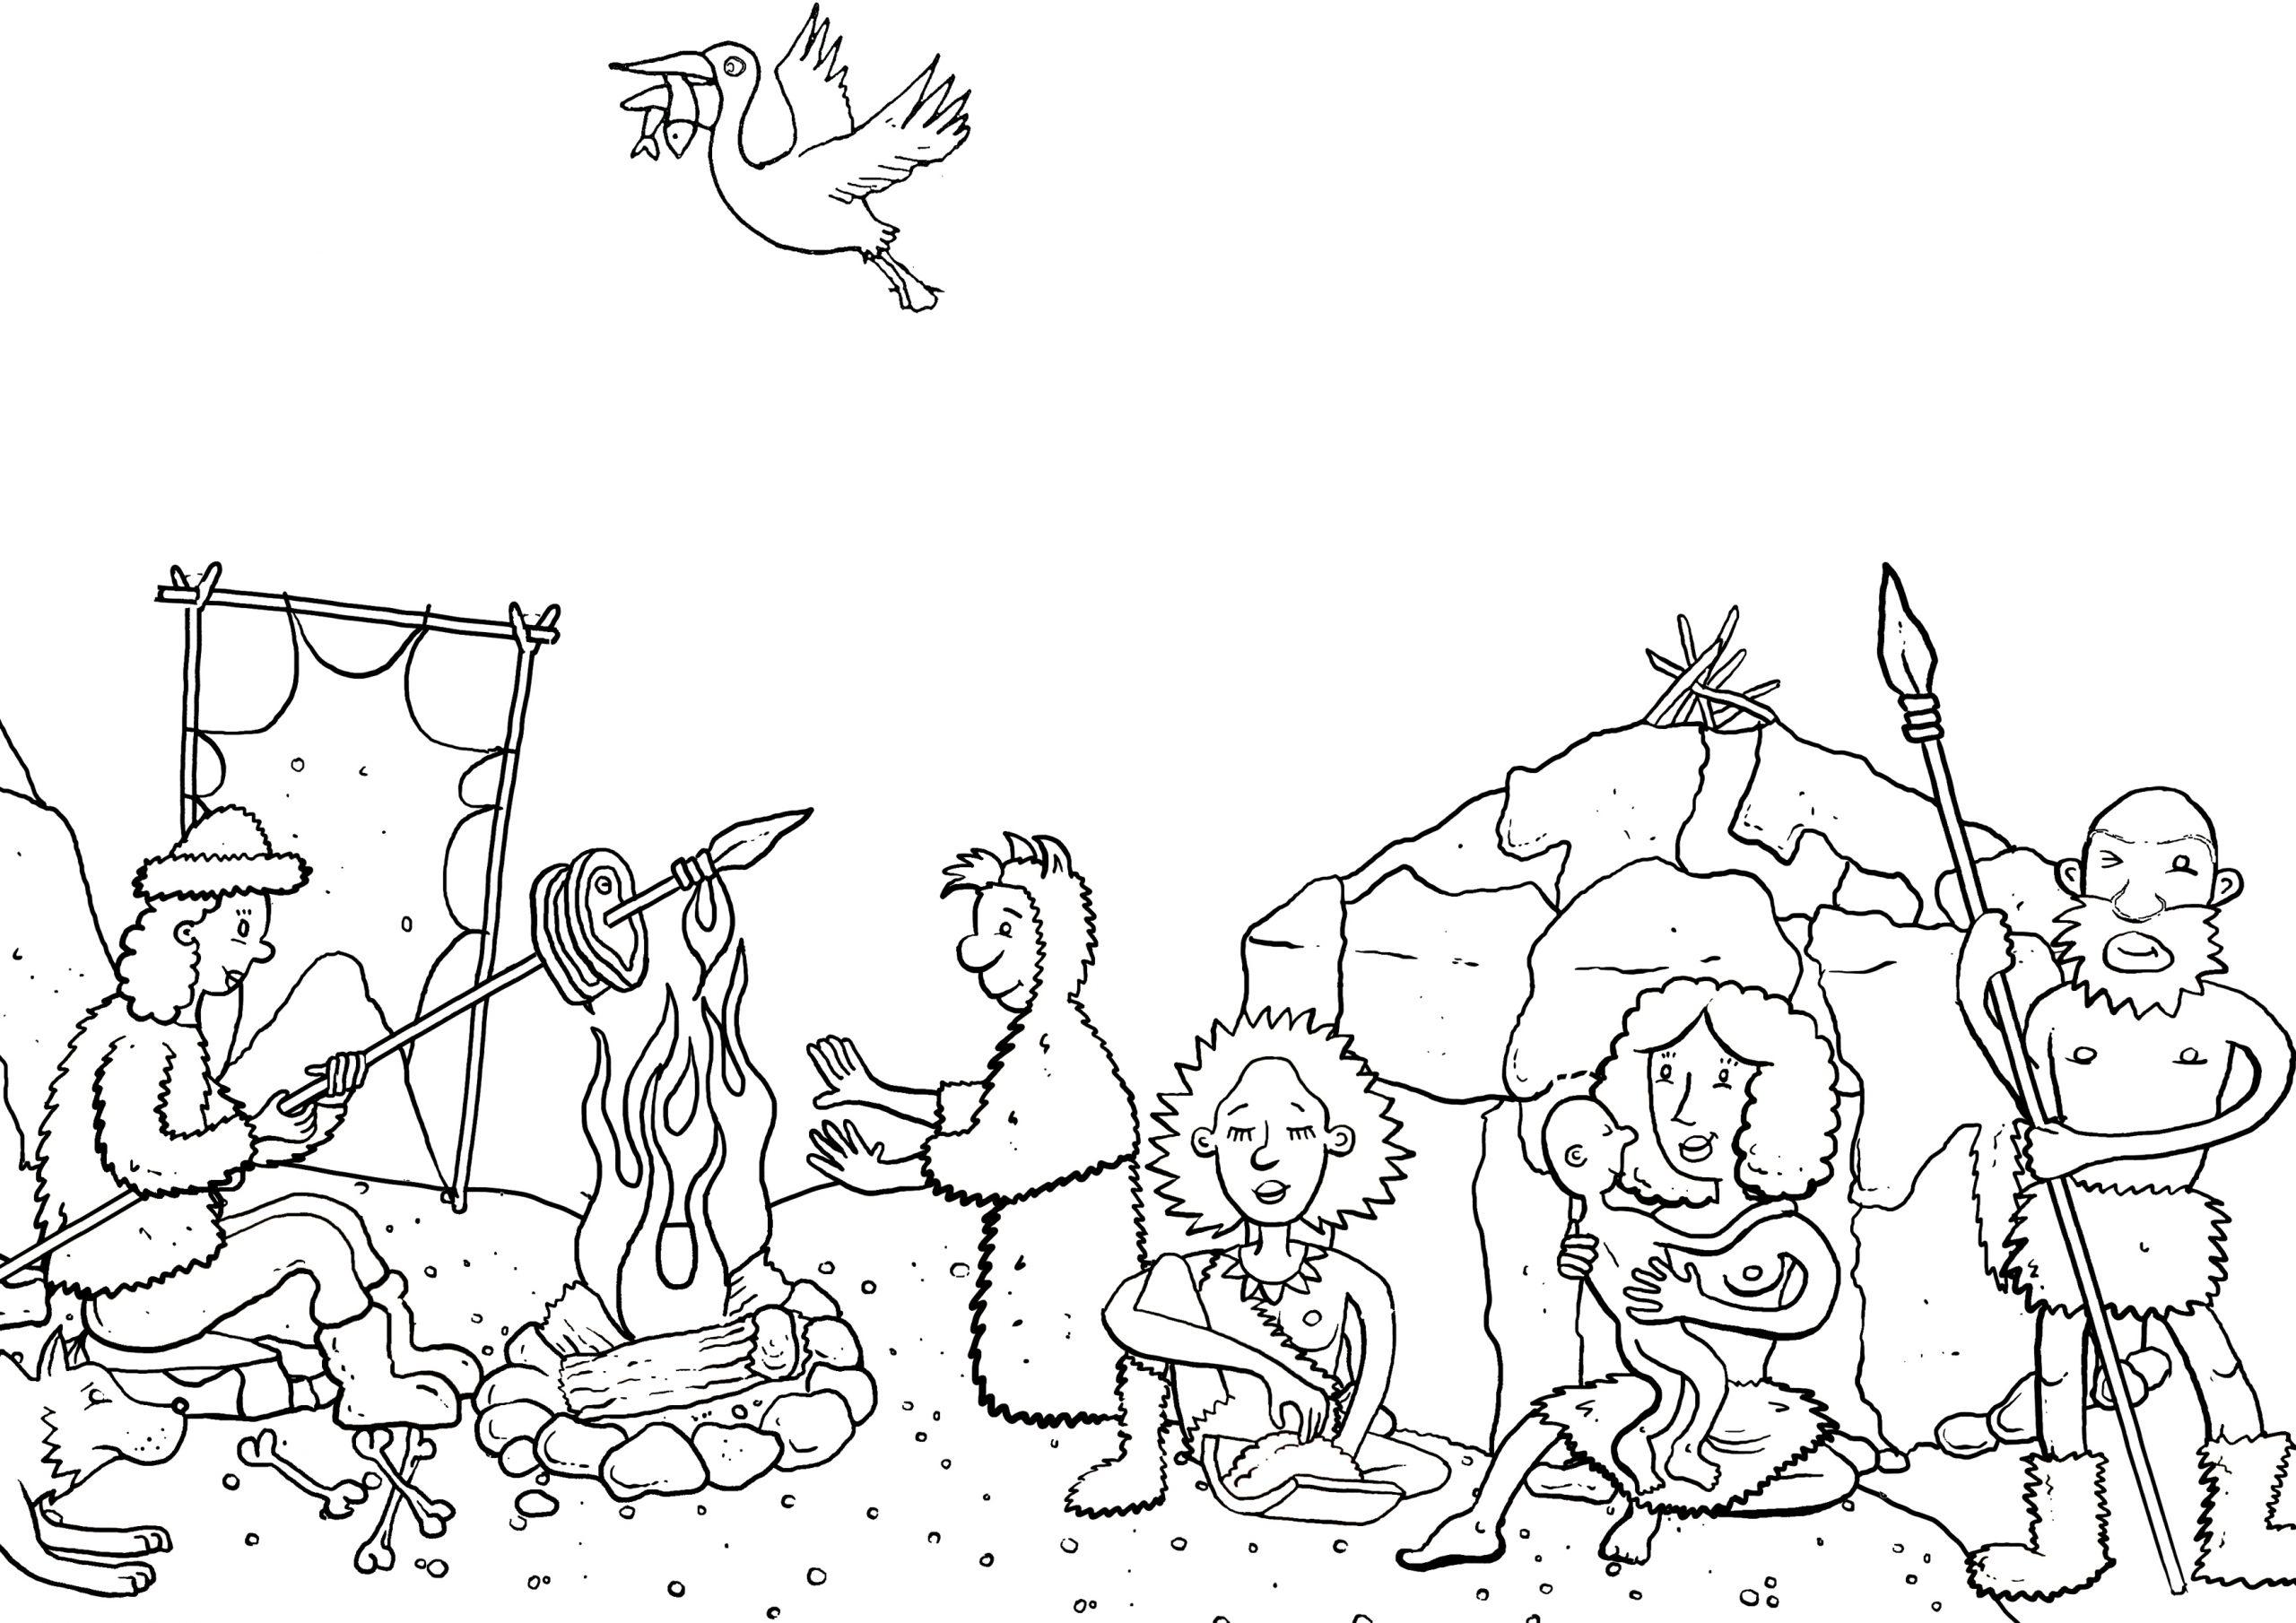 malvorlagen steinzeit  kinderbilderdownload